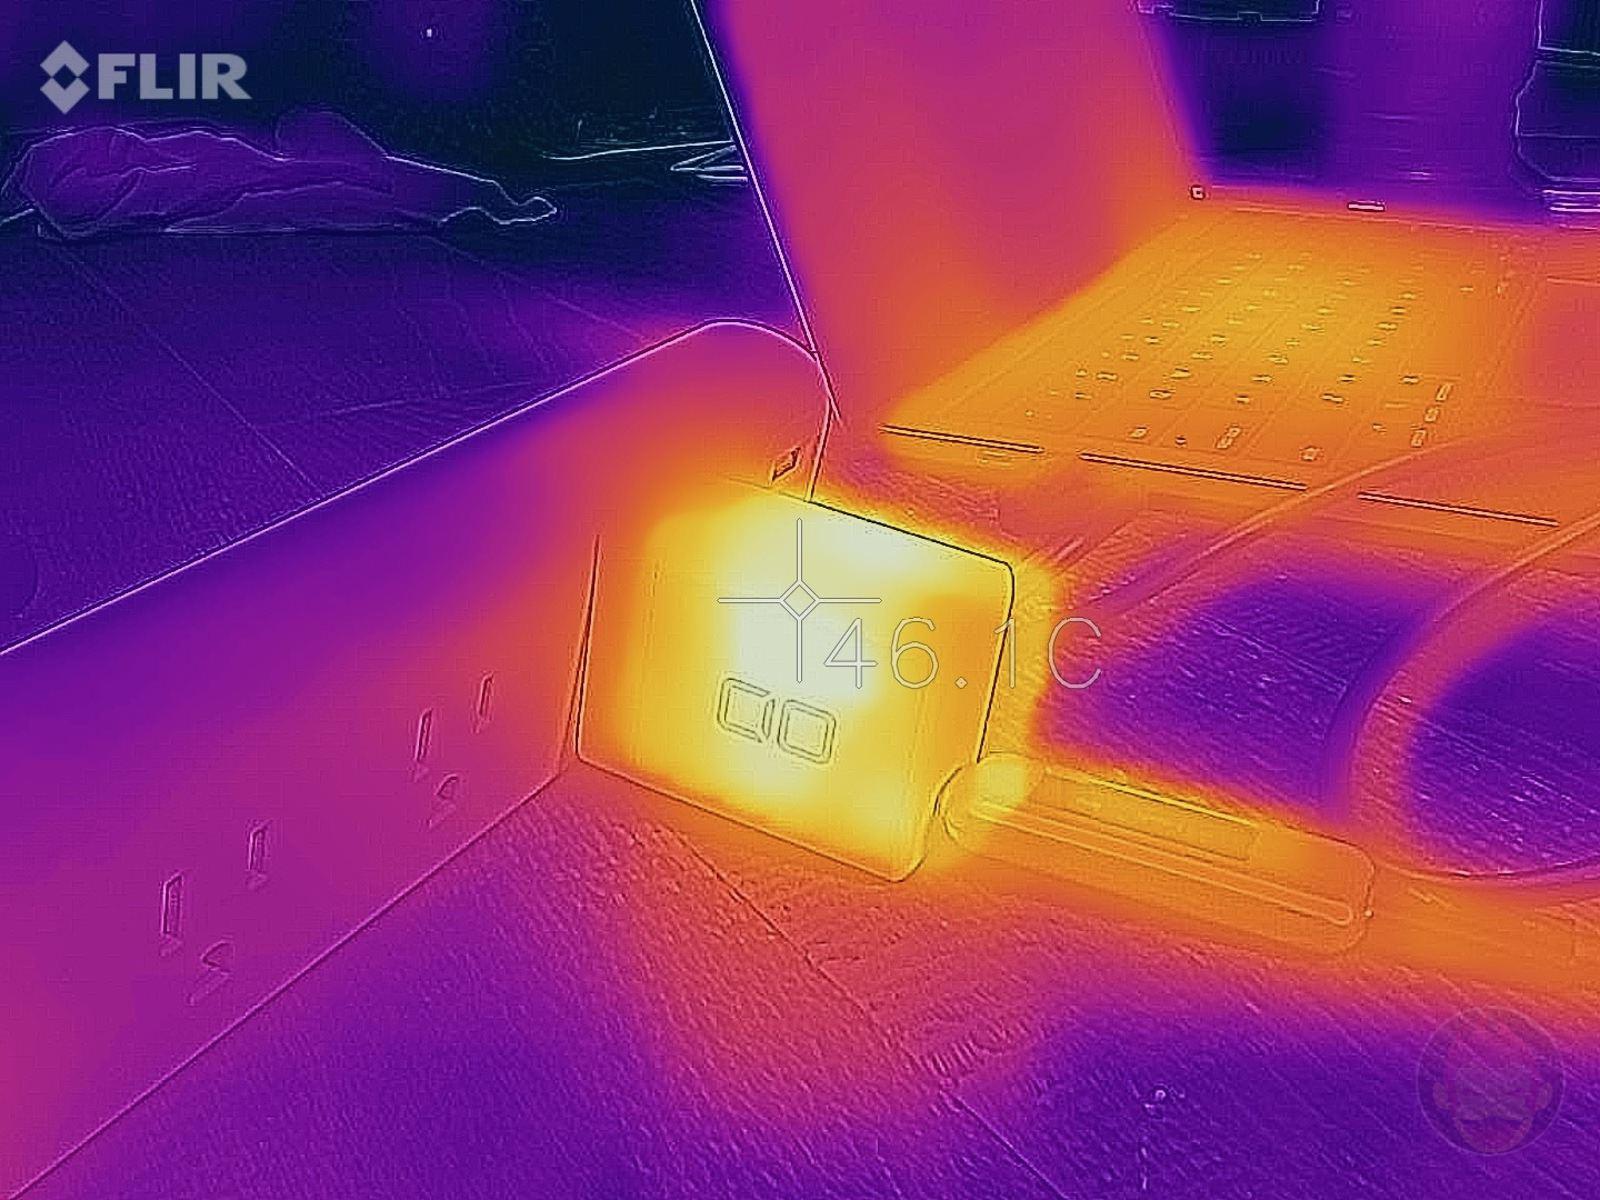 最大65Wで出力中の本体温度をサーモグラフィカメラで計測